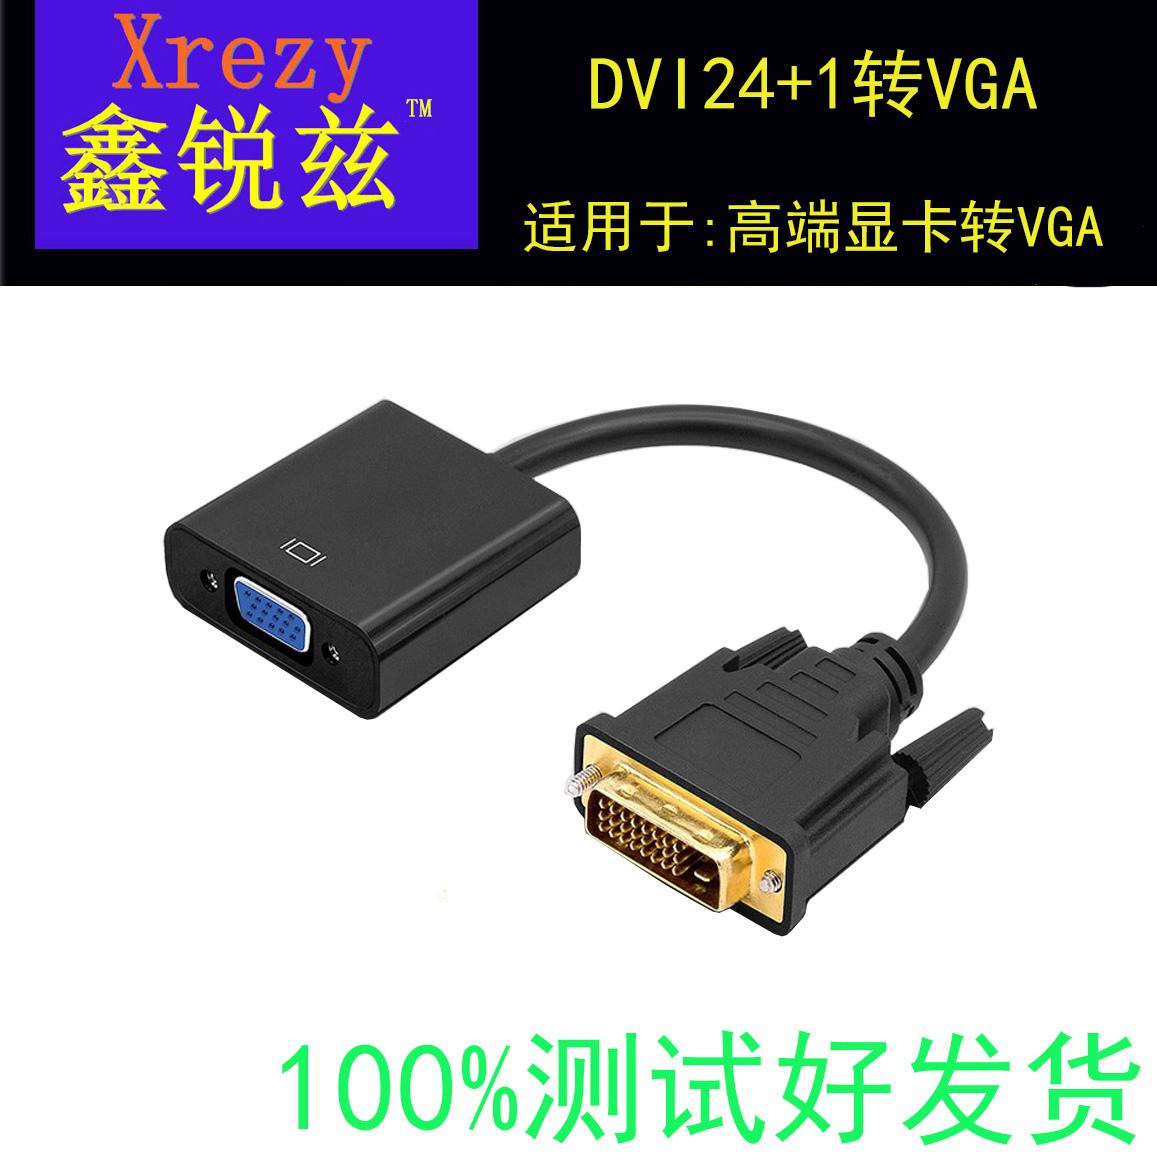 包邮DVI转VGA转接头24+1转VGA连接线1080P高清18+1转器带芯片显卡